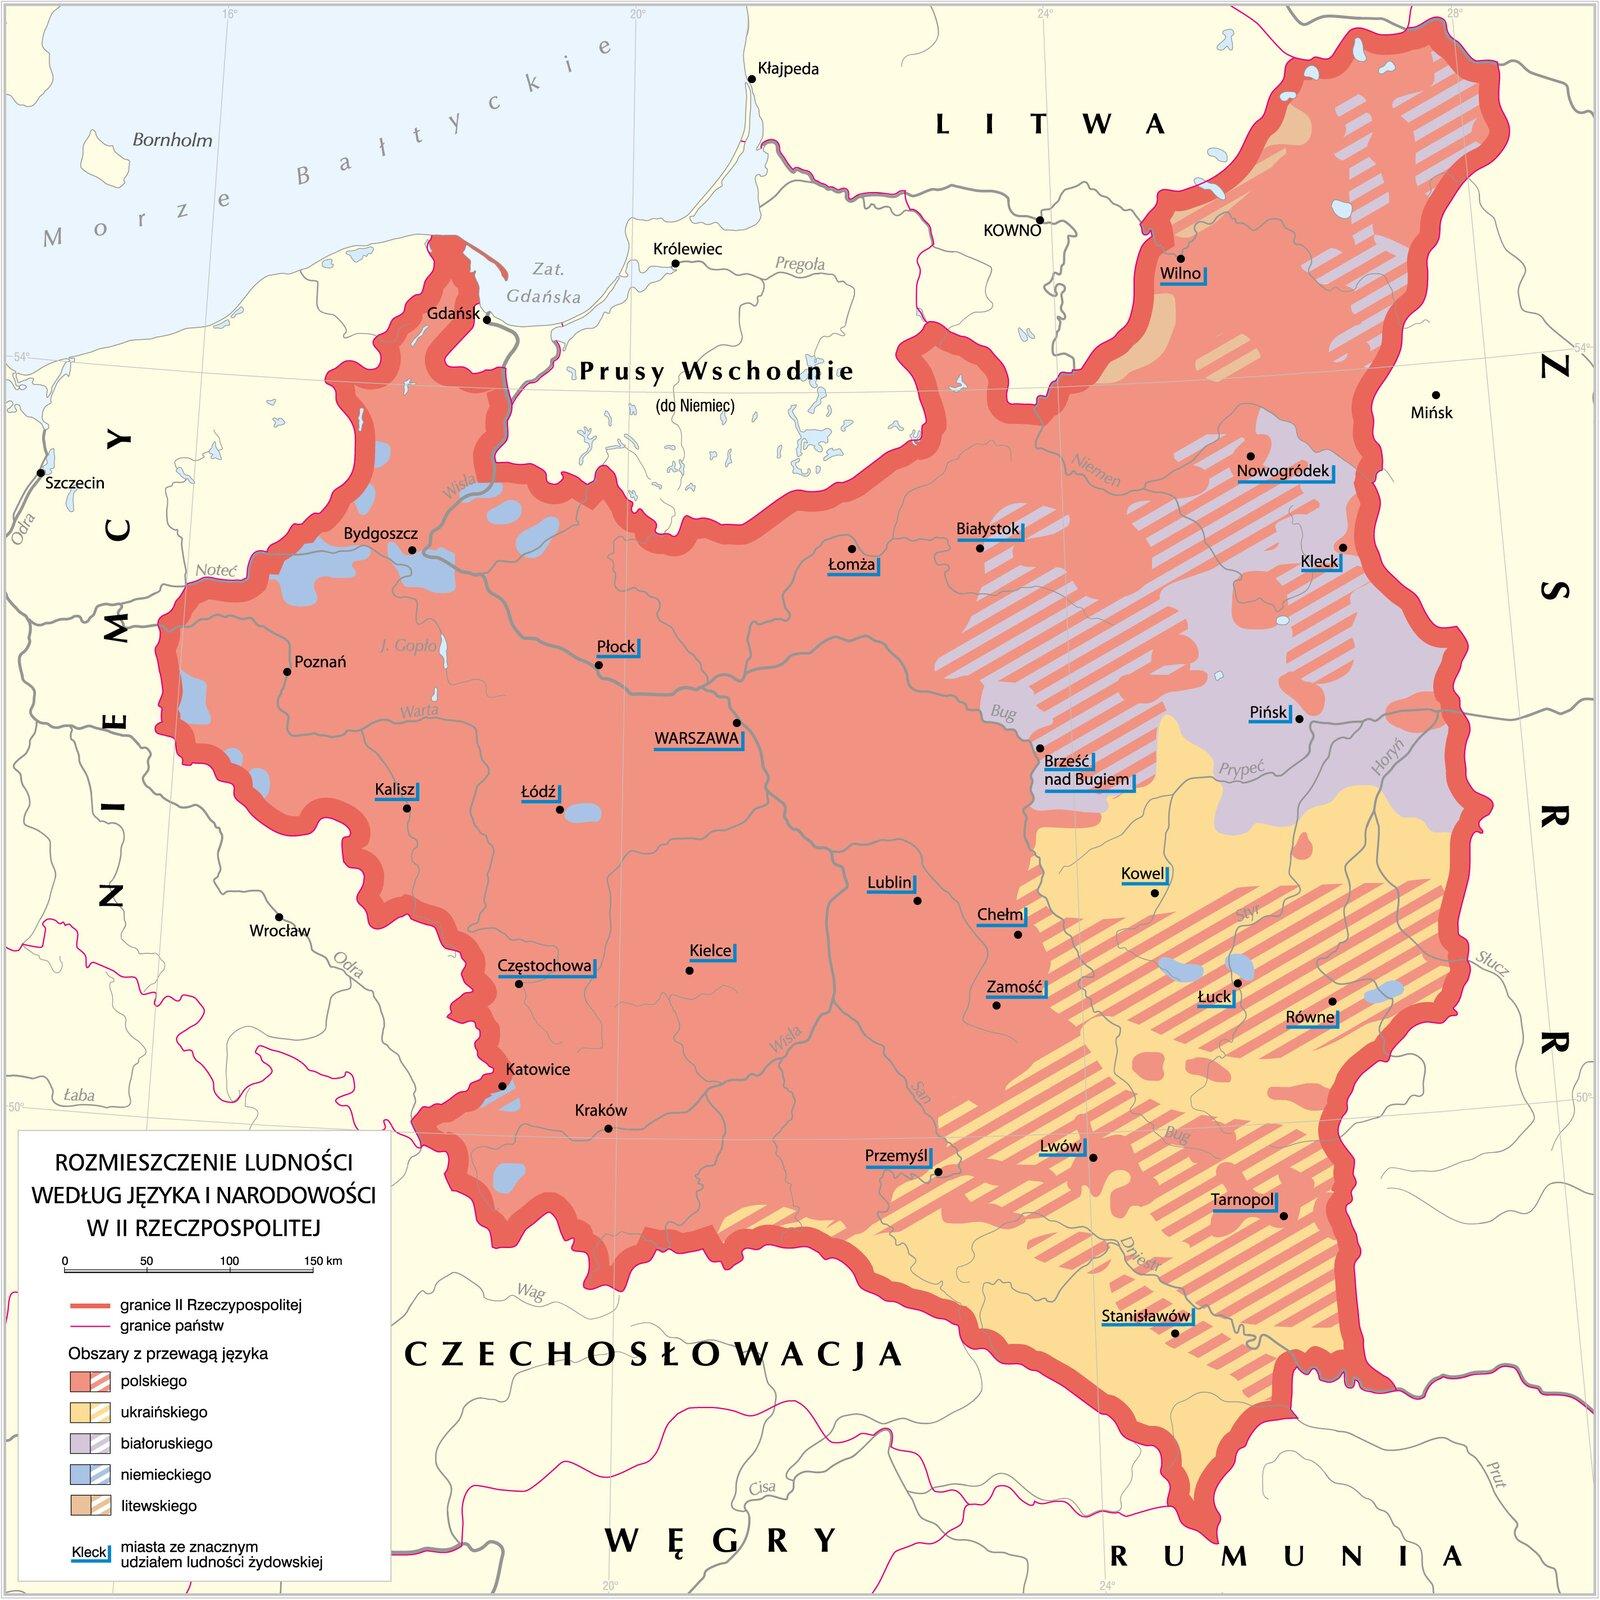 Struktura narodowościowa II Rzeczypospolitej Struktura narodowościowa II Rzeczypospolitej Źródło: Krystian Chariza izespół, licencja: CC BY 3.0.